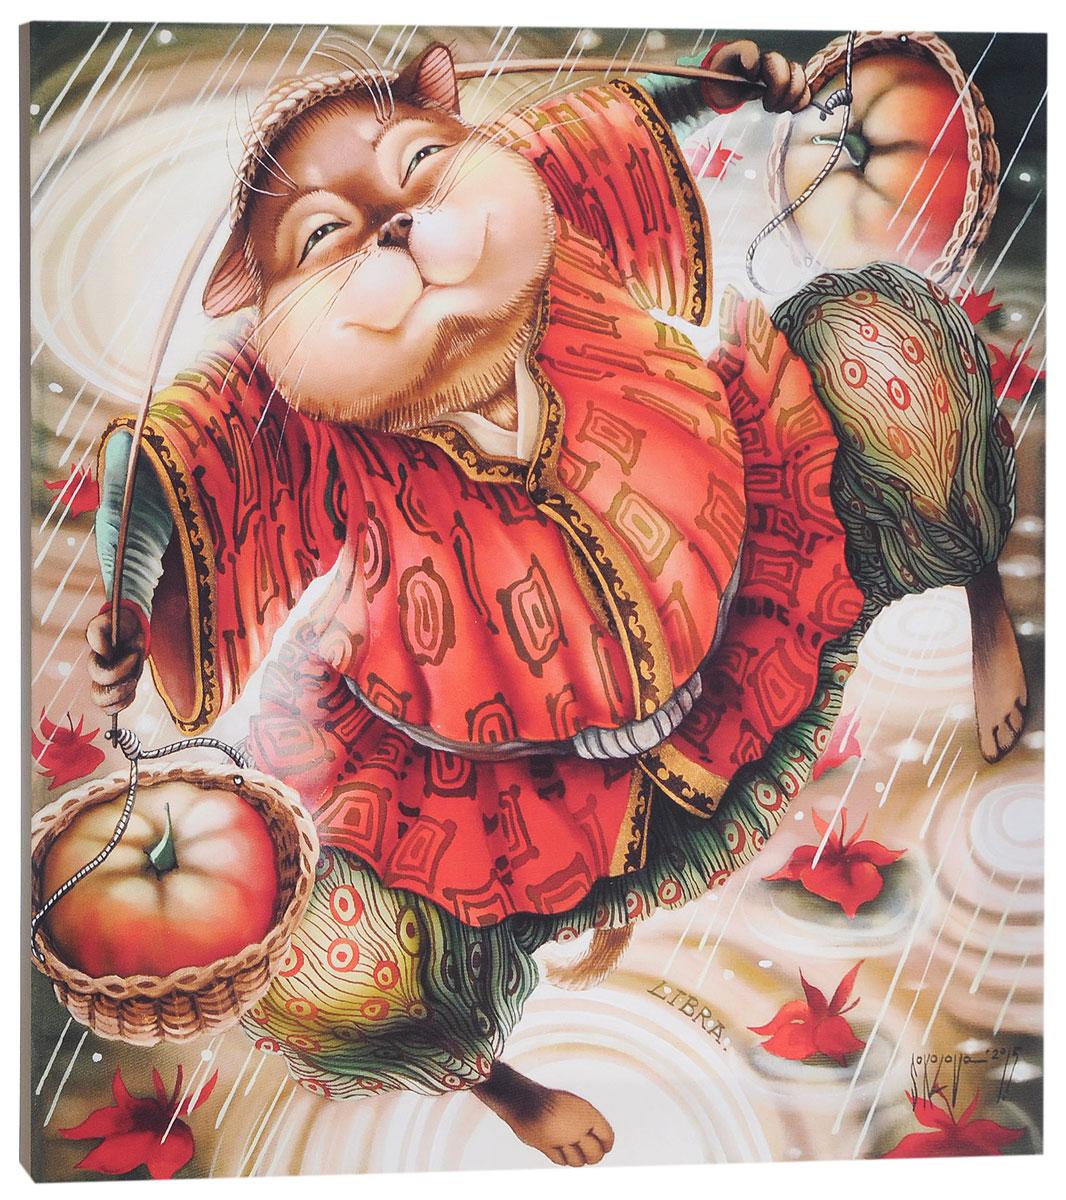 КвикДекор Картина детская ВесыAP-00874-00090-Cn5050Картина КвикДекор Весы - это прекрасное украшение для вашей гостиной, детской или спальни. Она привнесет в интерьер яркий акцент и сделает обстановку комфортной и уютной.Автор картины - Надежда Соколова - родилась в 1973 году в городе Дрездене. В 1986-1990 годах училась в Художественной школе города Новгорода. В 1995 году окончила с отличием рекламное отделение Новгородского училища культуры. В 2000 году защитила диплом на факультете Искусств и Технологий НовГУ имени Ярослава Мудрого. Выставляется с 1996 года. Работает в техниках: живопись, графика, батик, лаковая миниатюра, авторская кукла. Является автором оригинального стиля в миниатюре.Изделие представляет собой картину с латексной печатью на натуральном хлопчатобумажном холсте. Галерейная натяжка на деревянный подрамник выполнена очень аккуратно, а боковые части картины запечатаны тоновой заливкой. Обратная сторона подрамника содержит отверстие, благодаря которому картину можно легко закрепить на стене и подкорректировать ее положение.Картина Весы - это отличный подарок и эффектное интерьерное украшение.